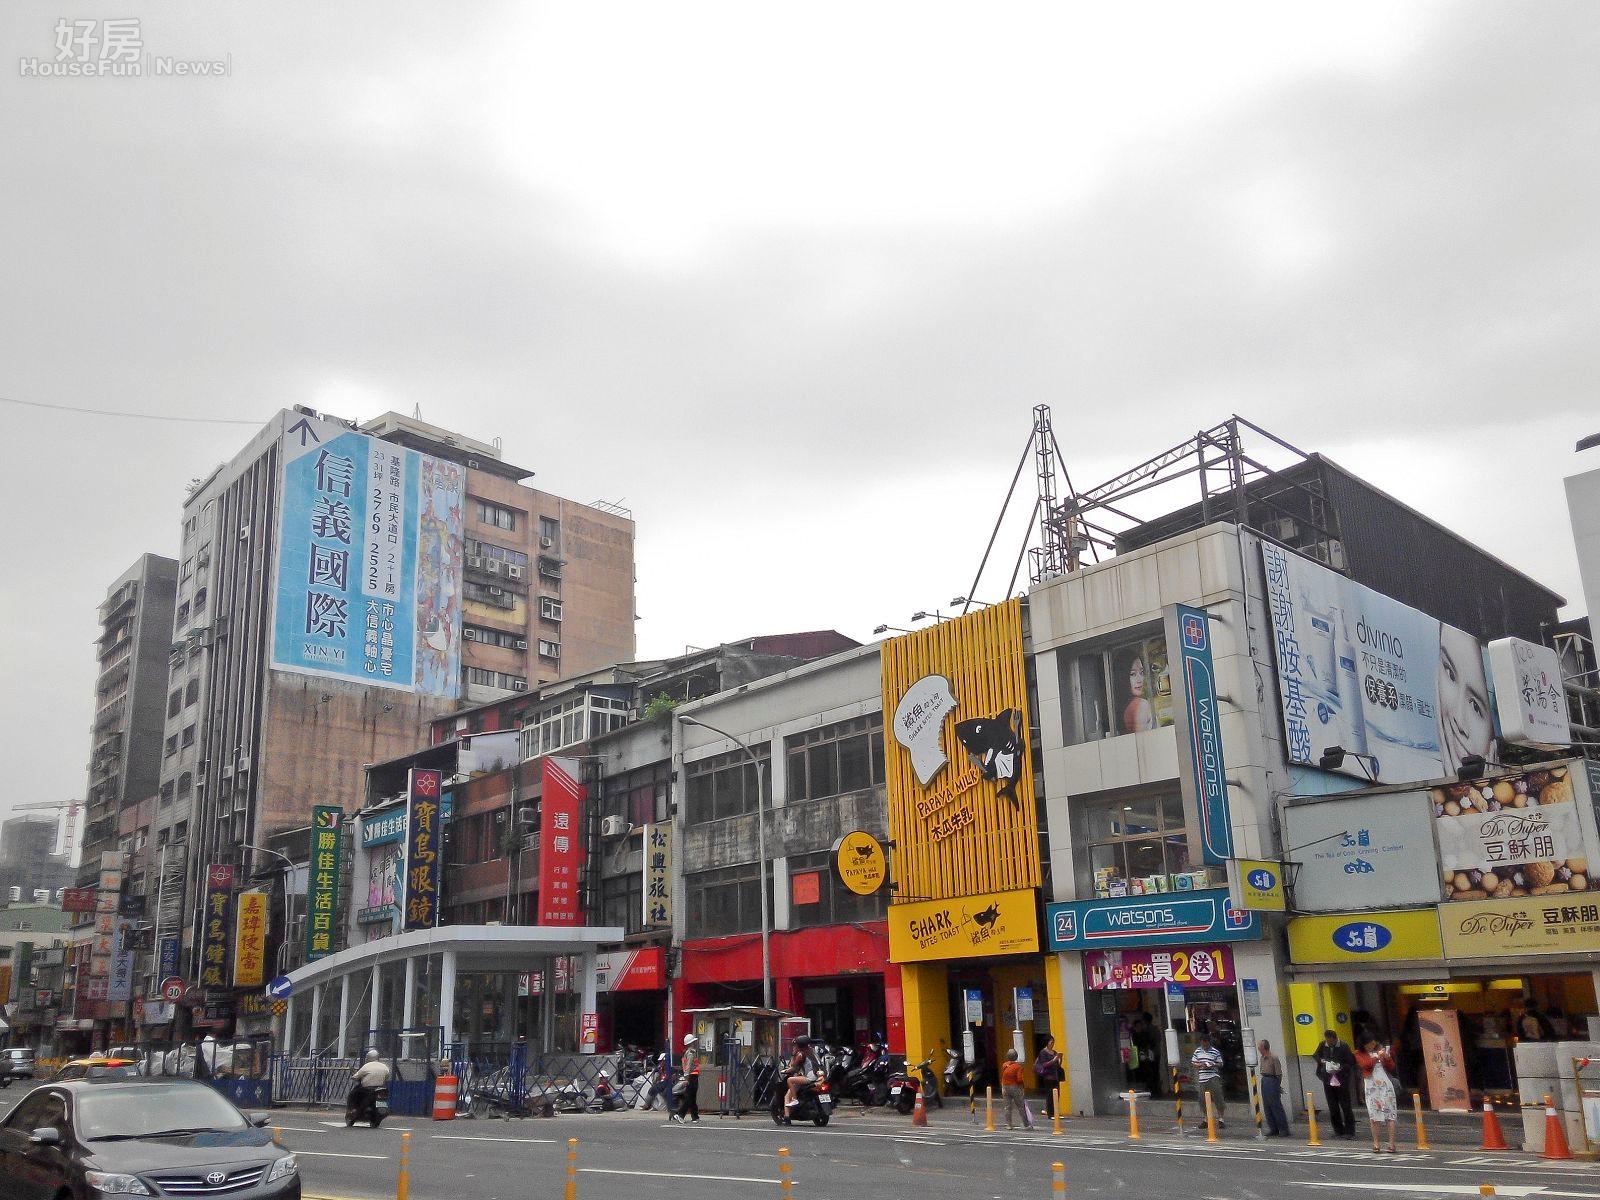 捷運松山站附近店家景。(好房News記者 陳韋帆/攝影)